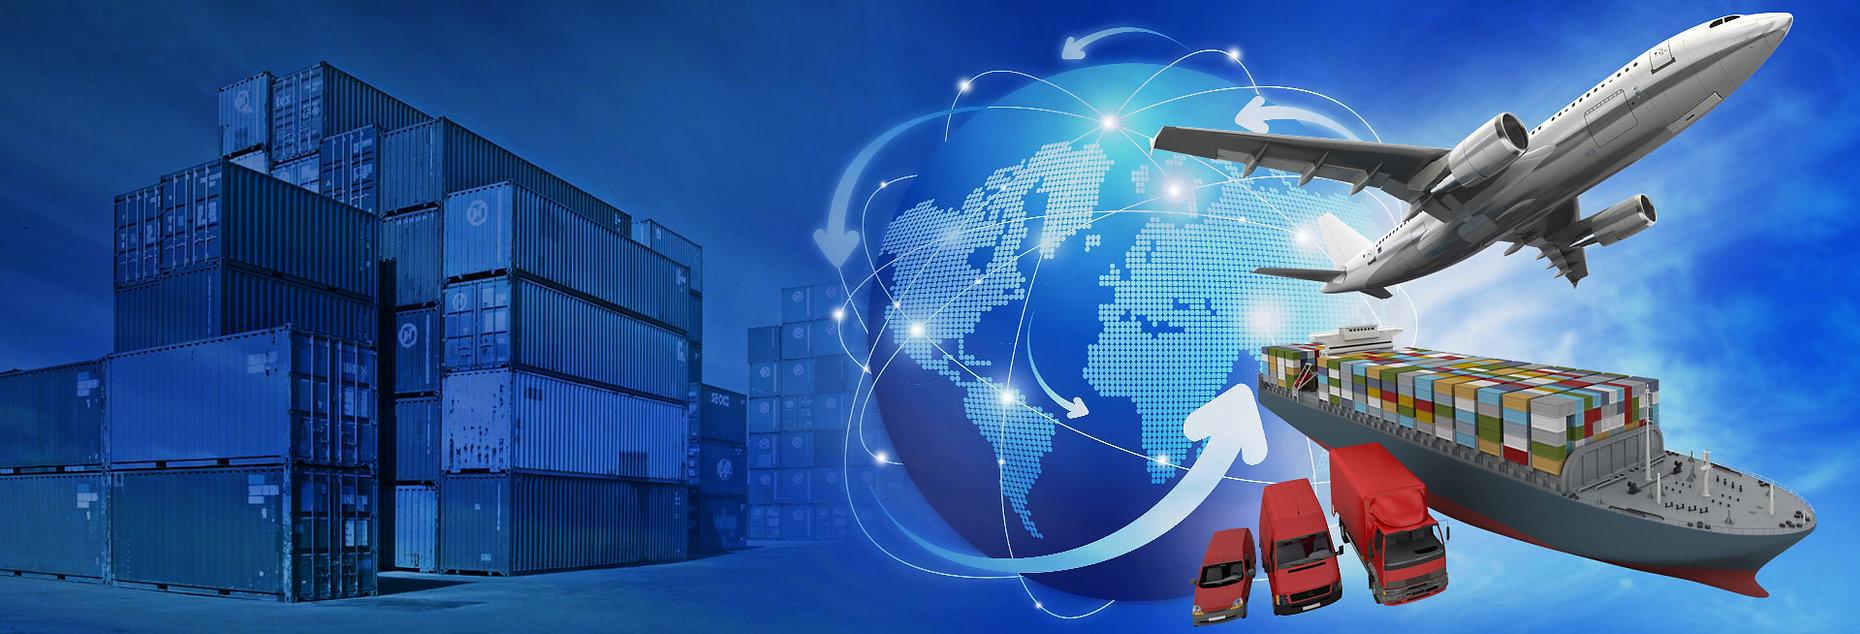 magic-transport-magic-logistics-Warehous